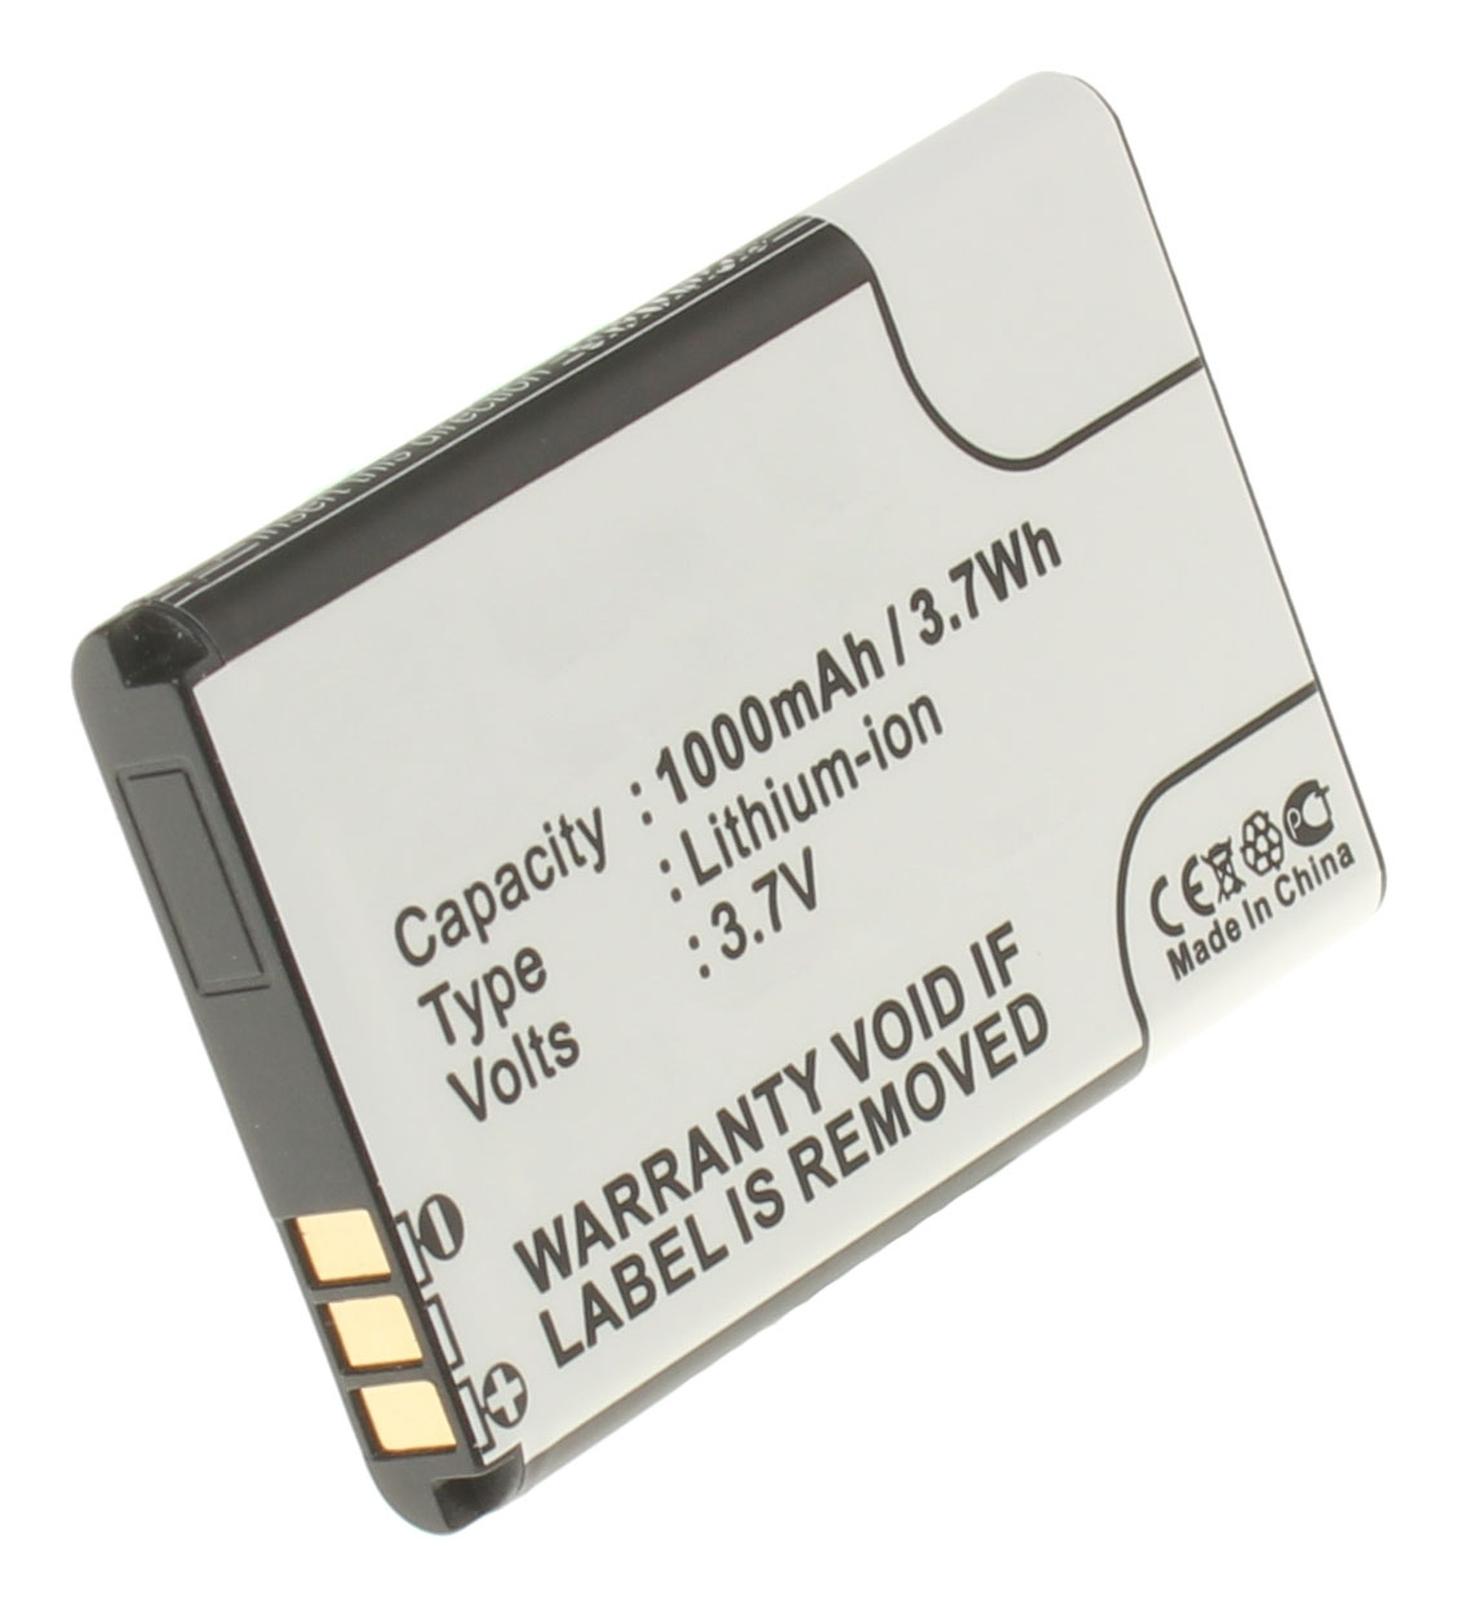 Аккумуляторная батарея iBatt iB-M288 для телефонов, смартфонов SkylinkЕмкость (mAh): 1000. Напряжение (V): 3,7